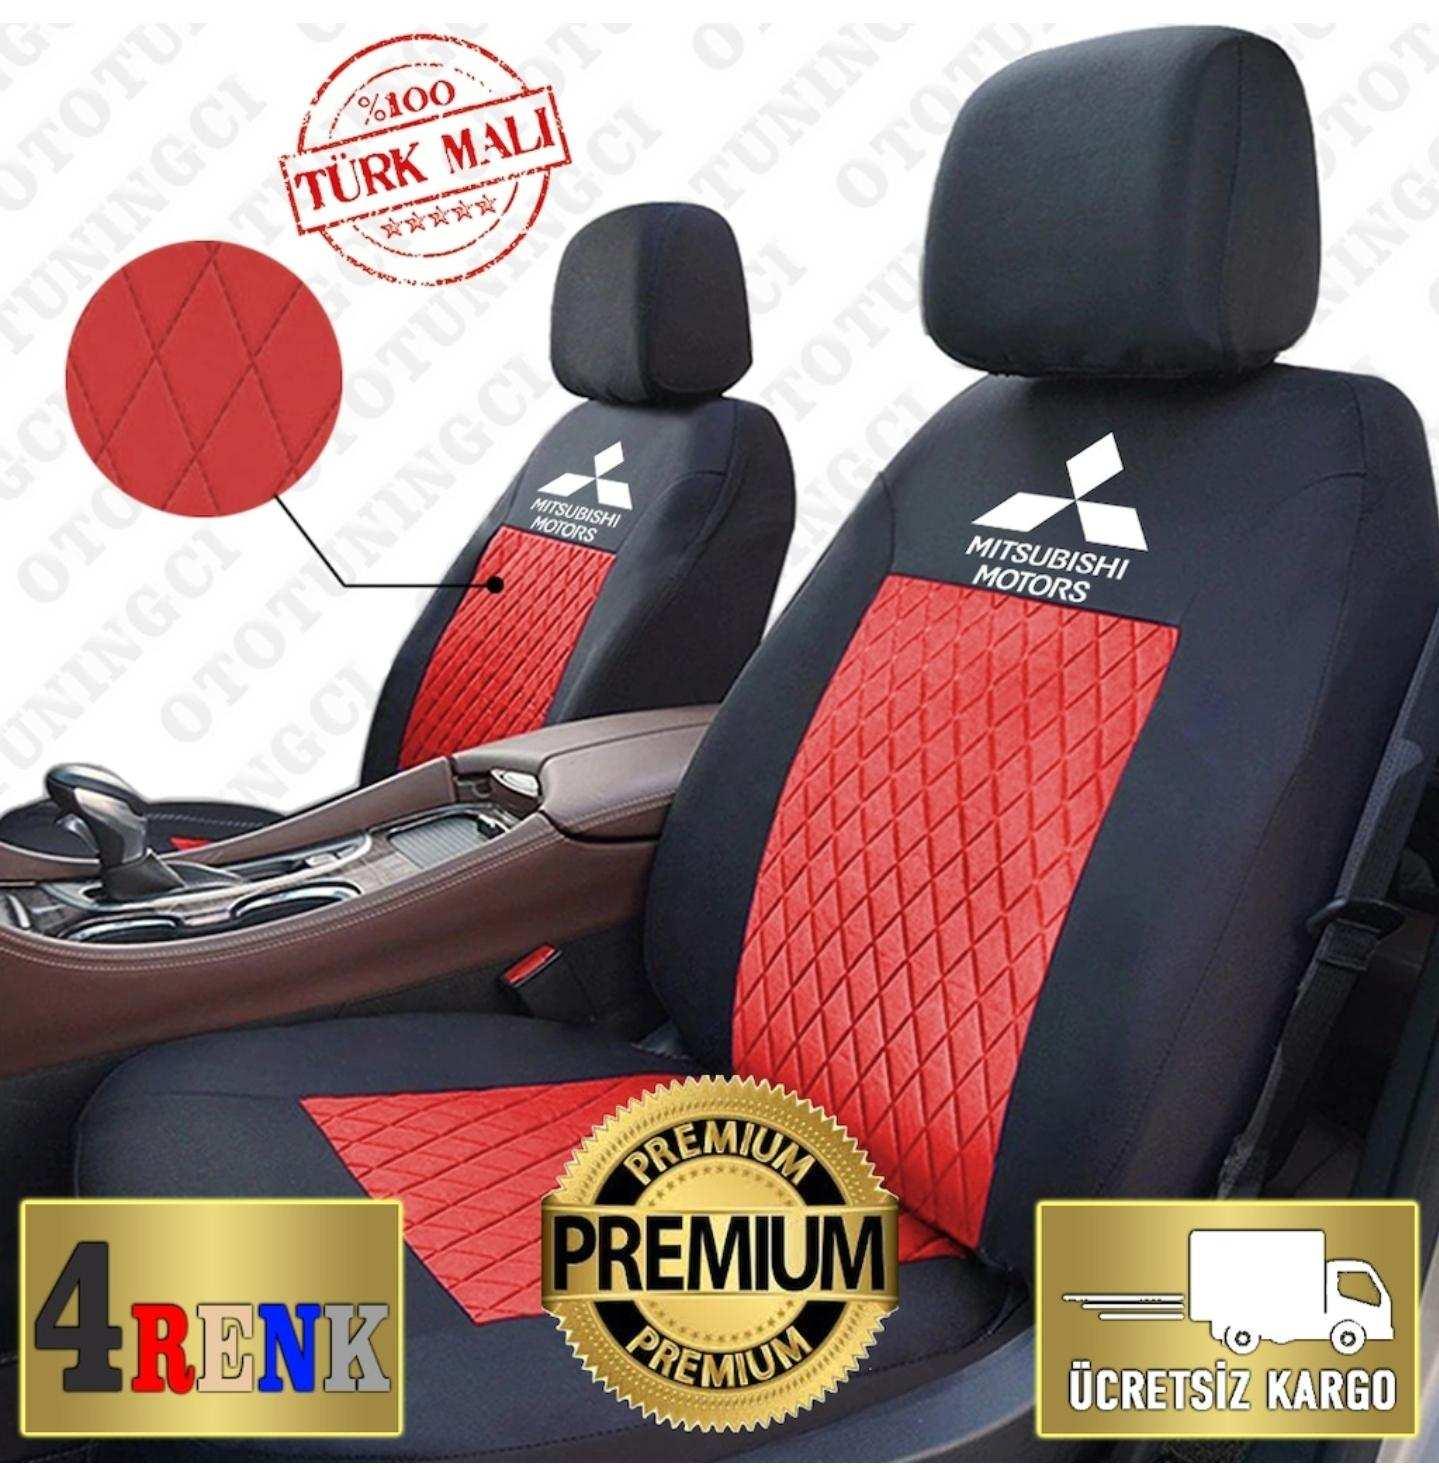 Mitsubishi SPOR Oto Koltuk Kılıfı Set KUMAŞ +2 Lİ YASTIK 2 Lİ KEMER HEDİYE MODEL SEÇİNİZ TÜM ARAÇLAR